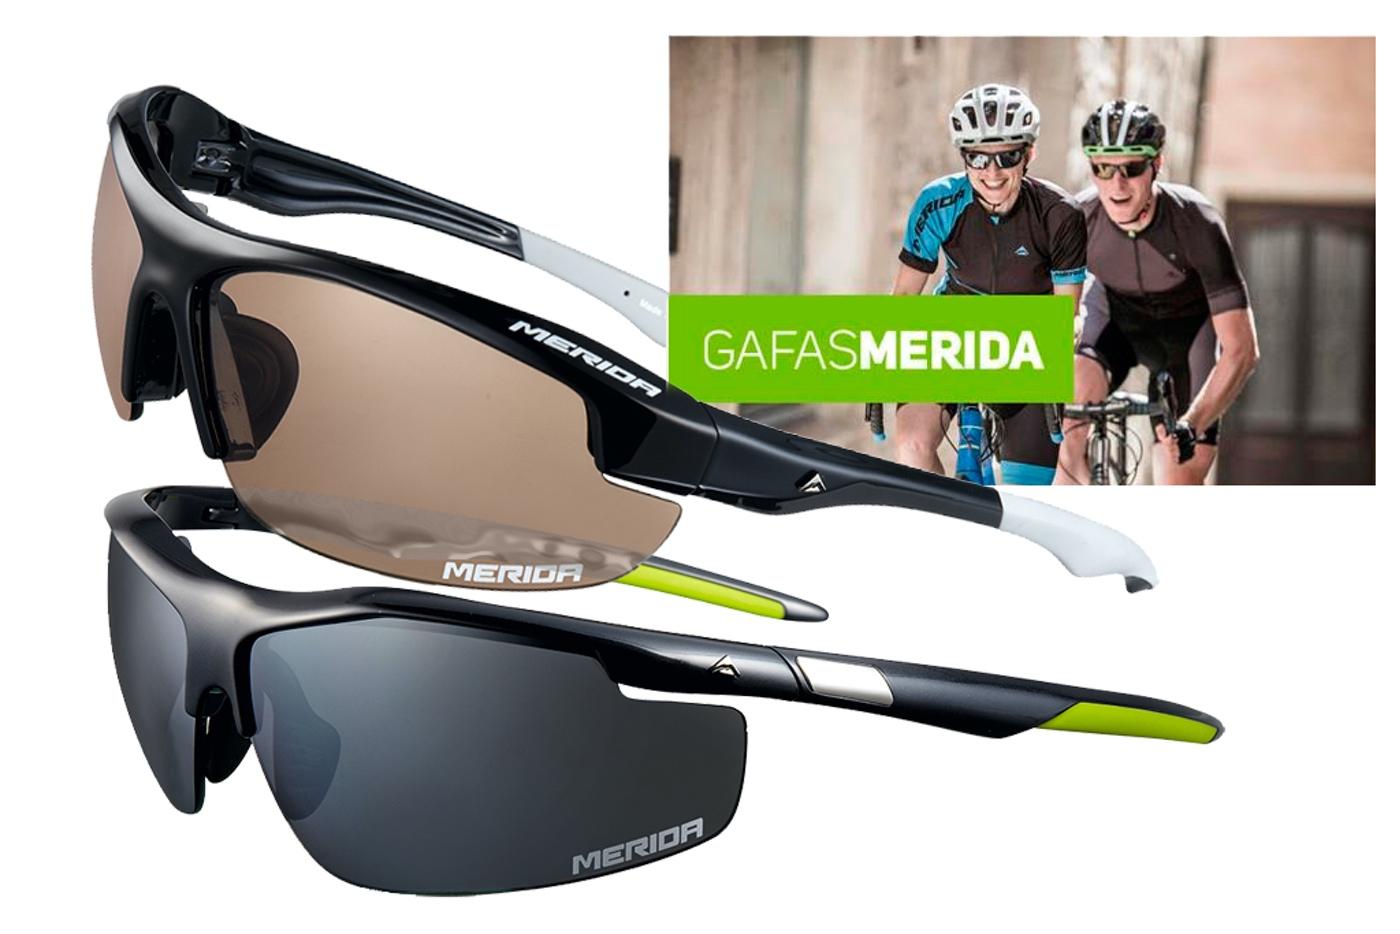 Gafas Mérida, la nueva propuesta de la marca